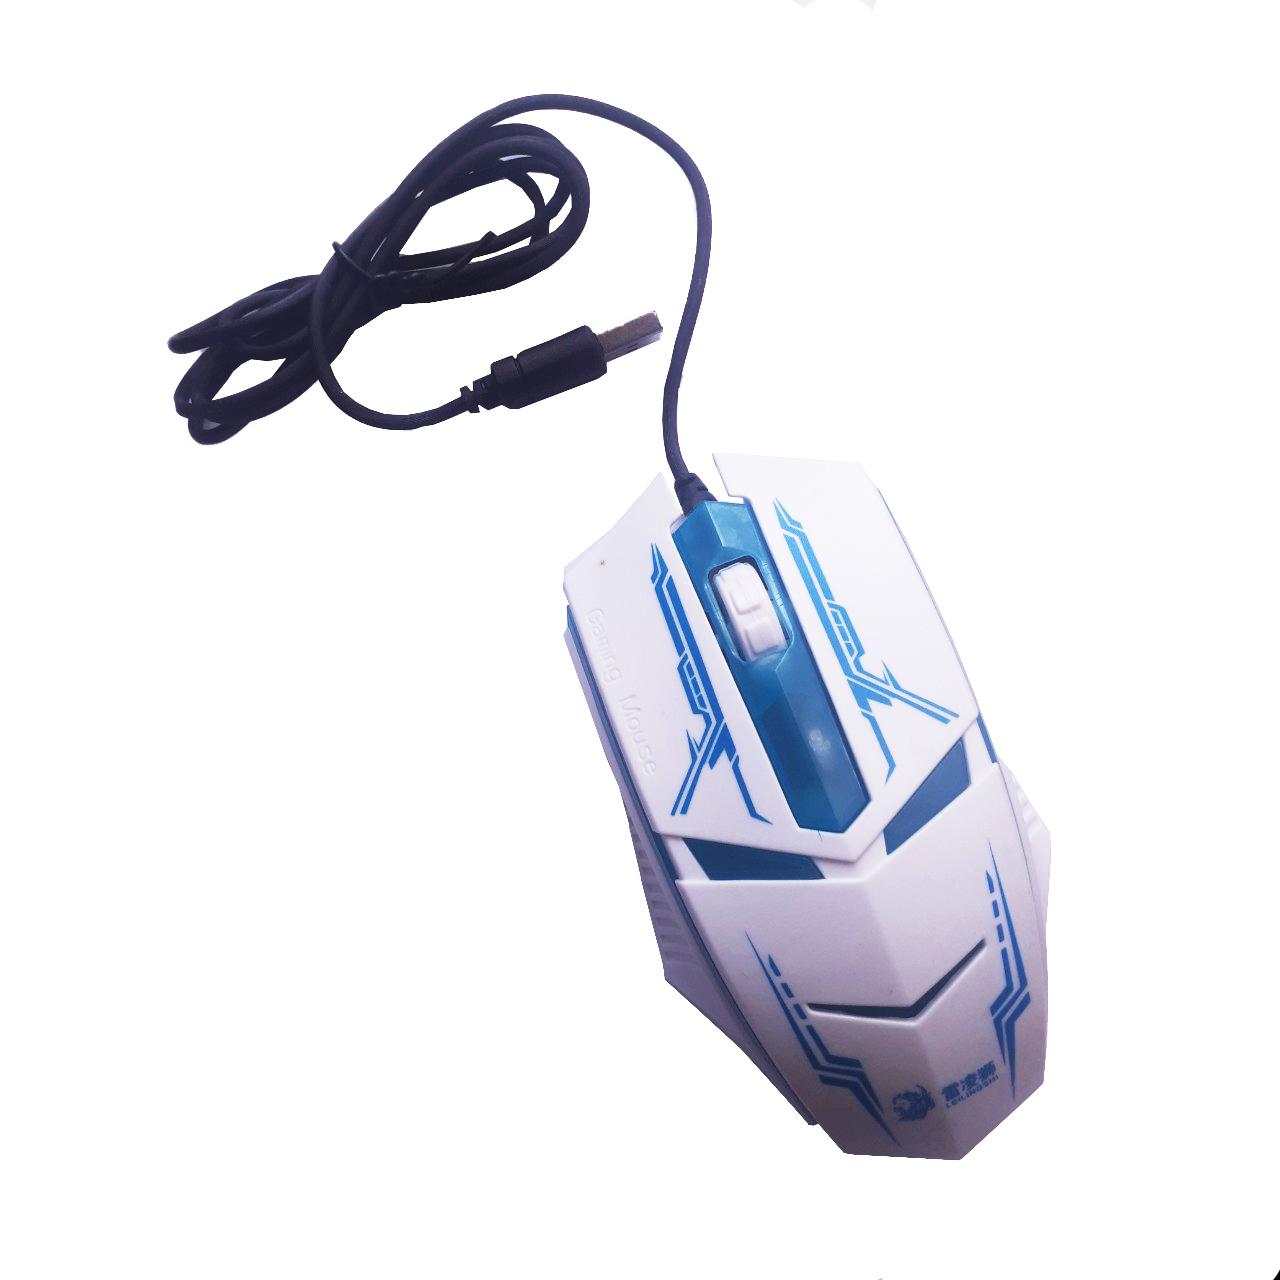 Chuột quang chơi game gaming mouse - Màu trắng